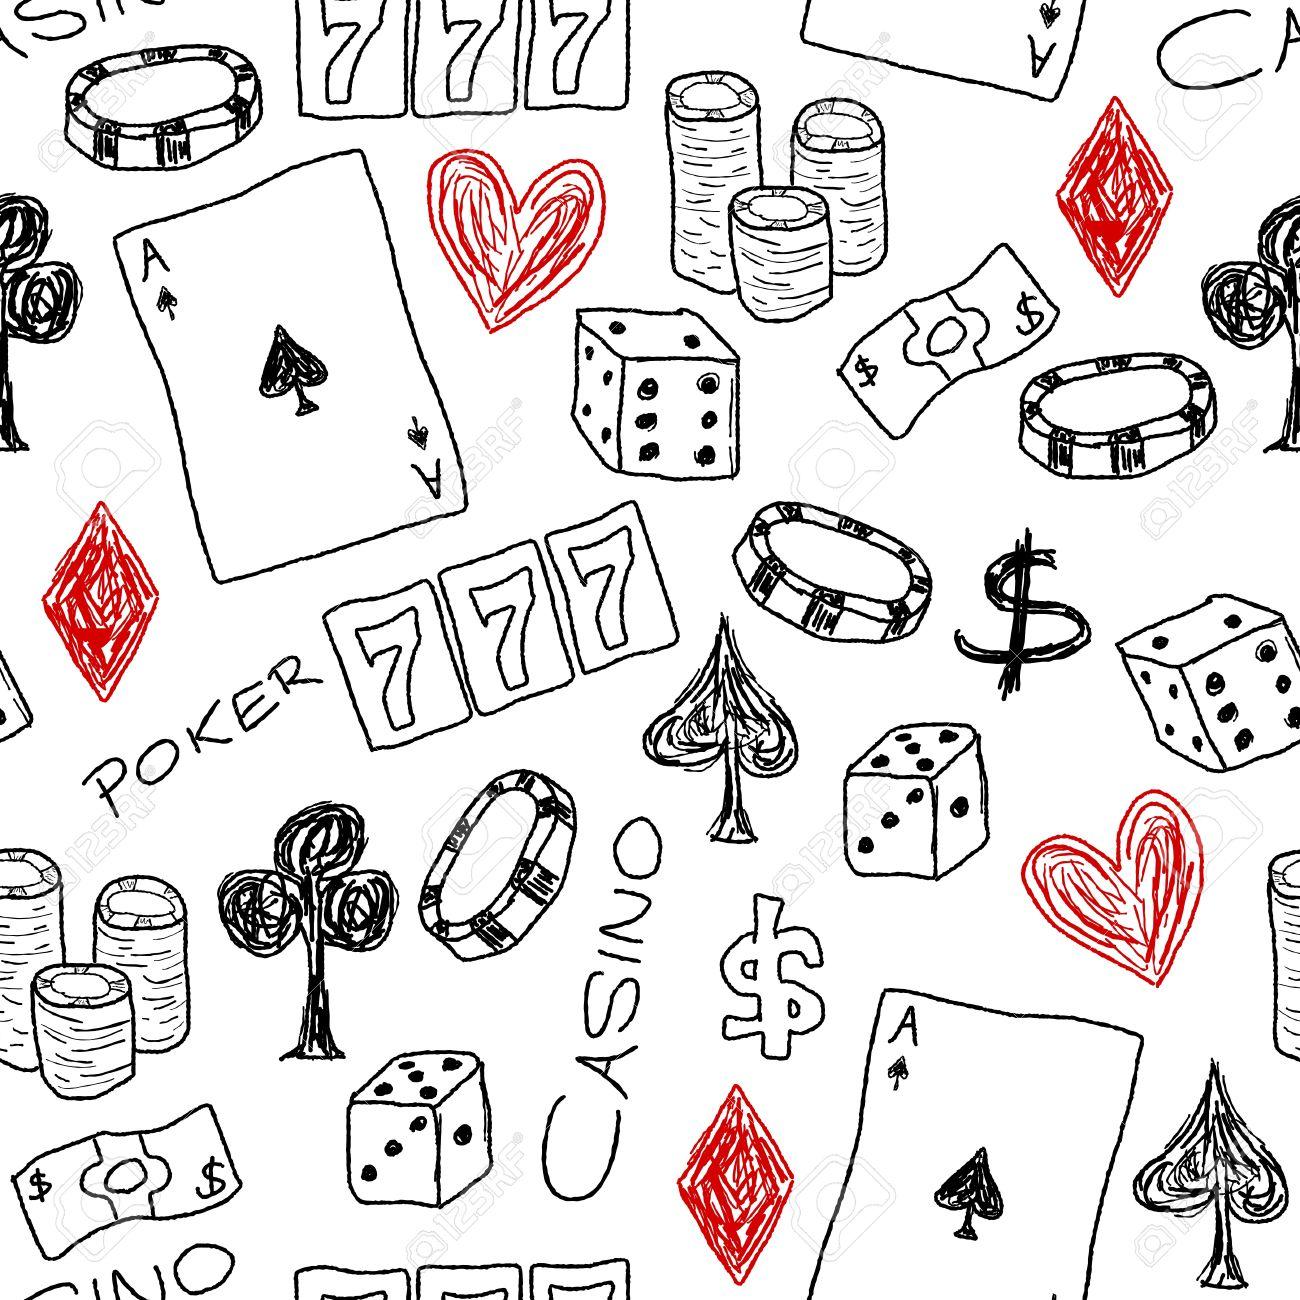 Gambling illustration mahol casino